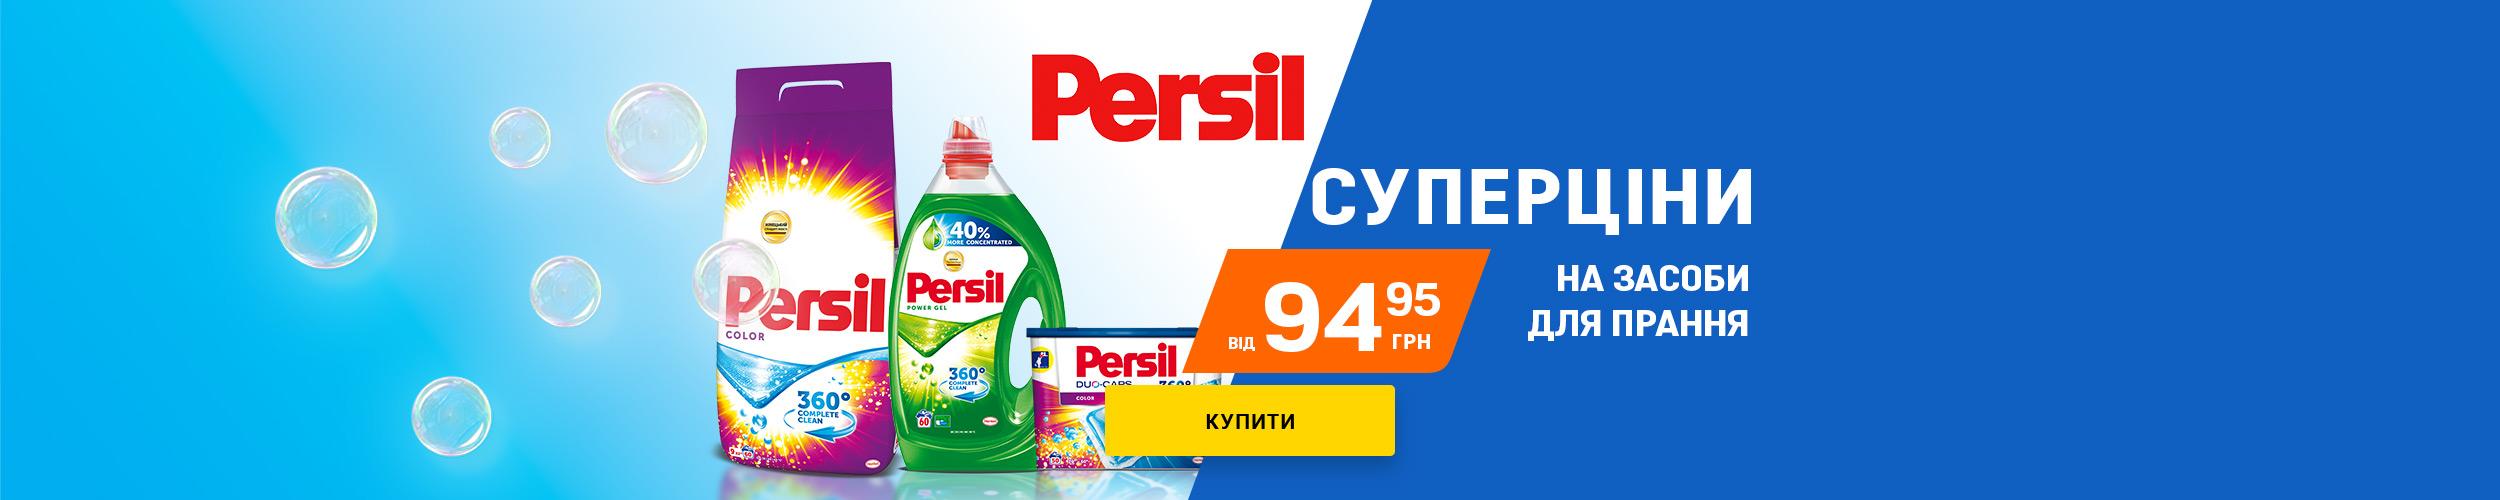 ᐉ Товари для дому в Києві купити • 2️⃣7️⃣UA Україна • Інтернет ... 12f49b215cc72